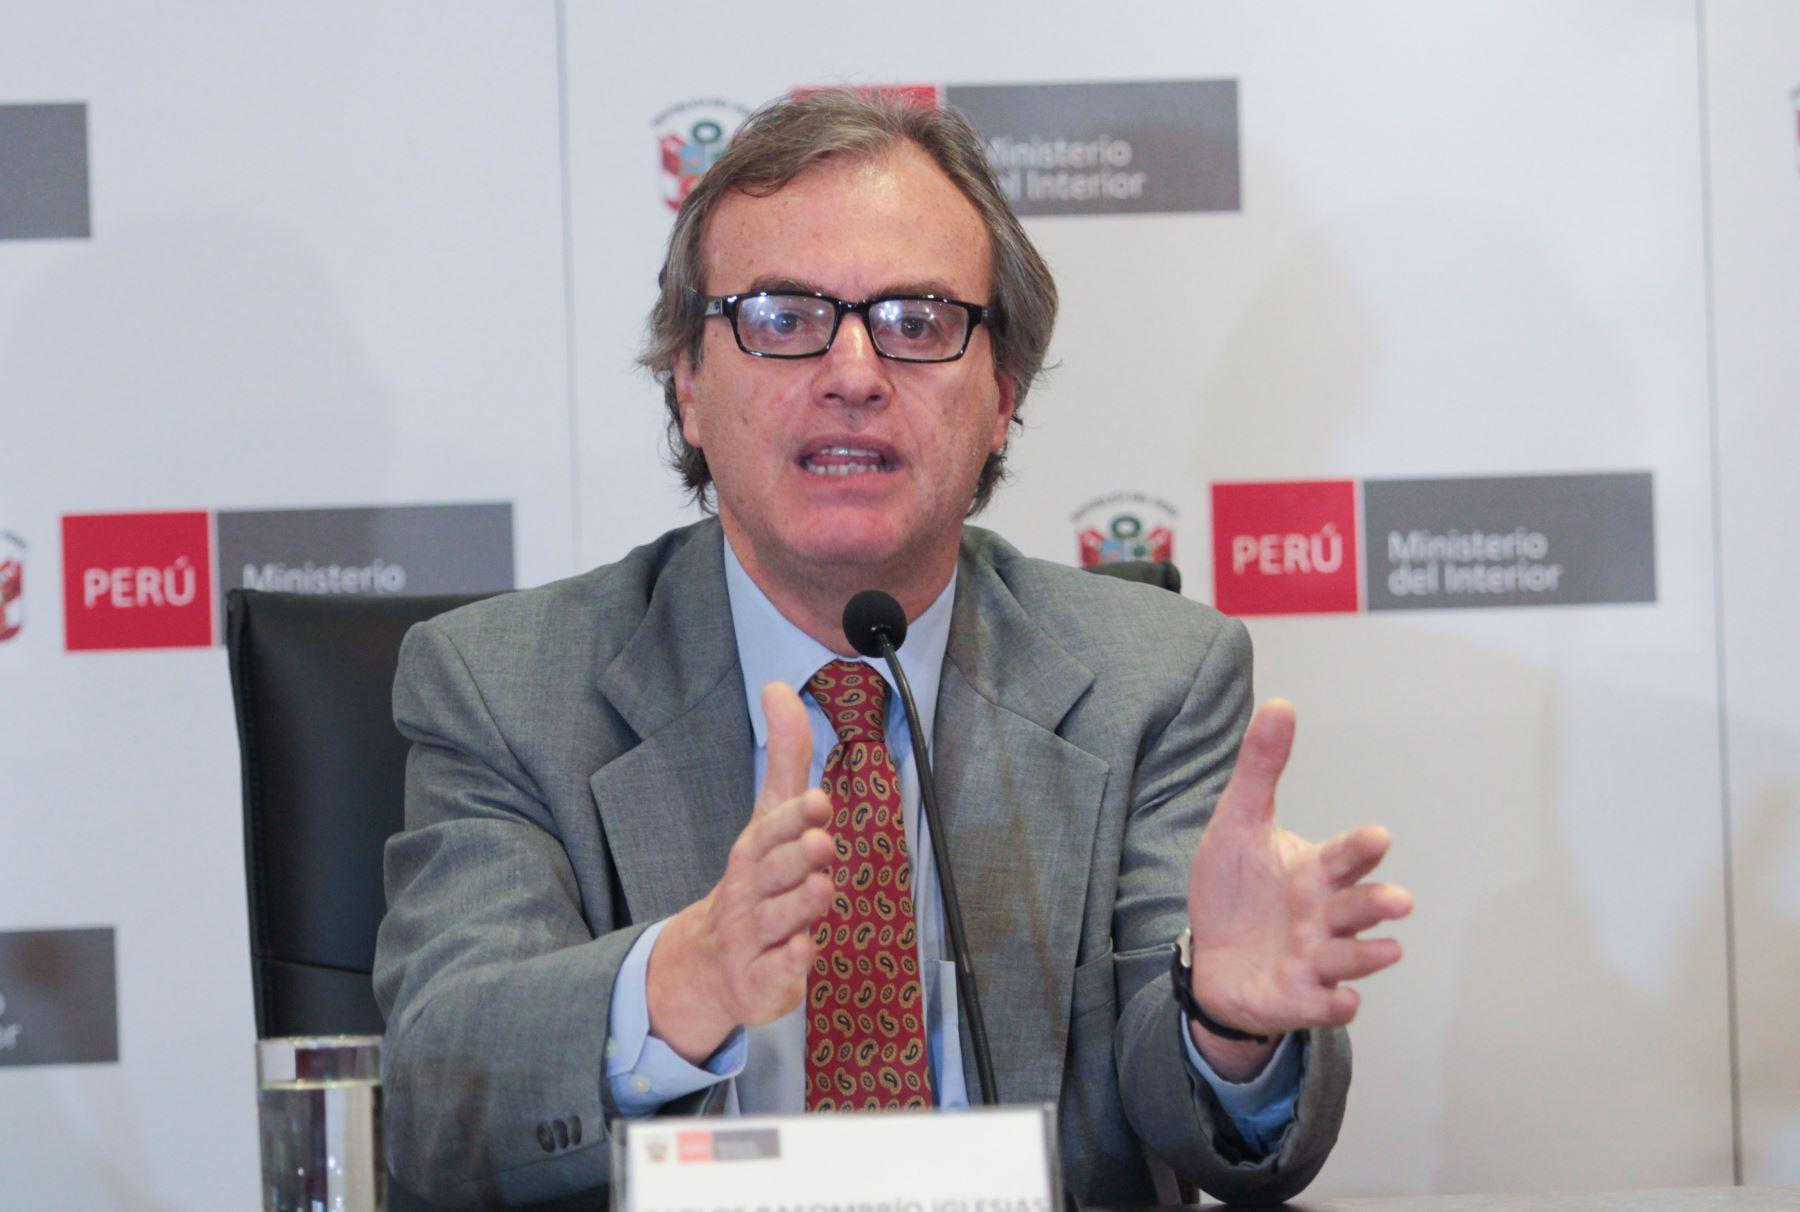 Lima per setiembre 15 conferencia de prensa del ministro for Foto del ministro del interior